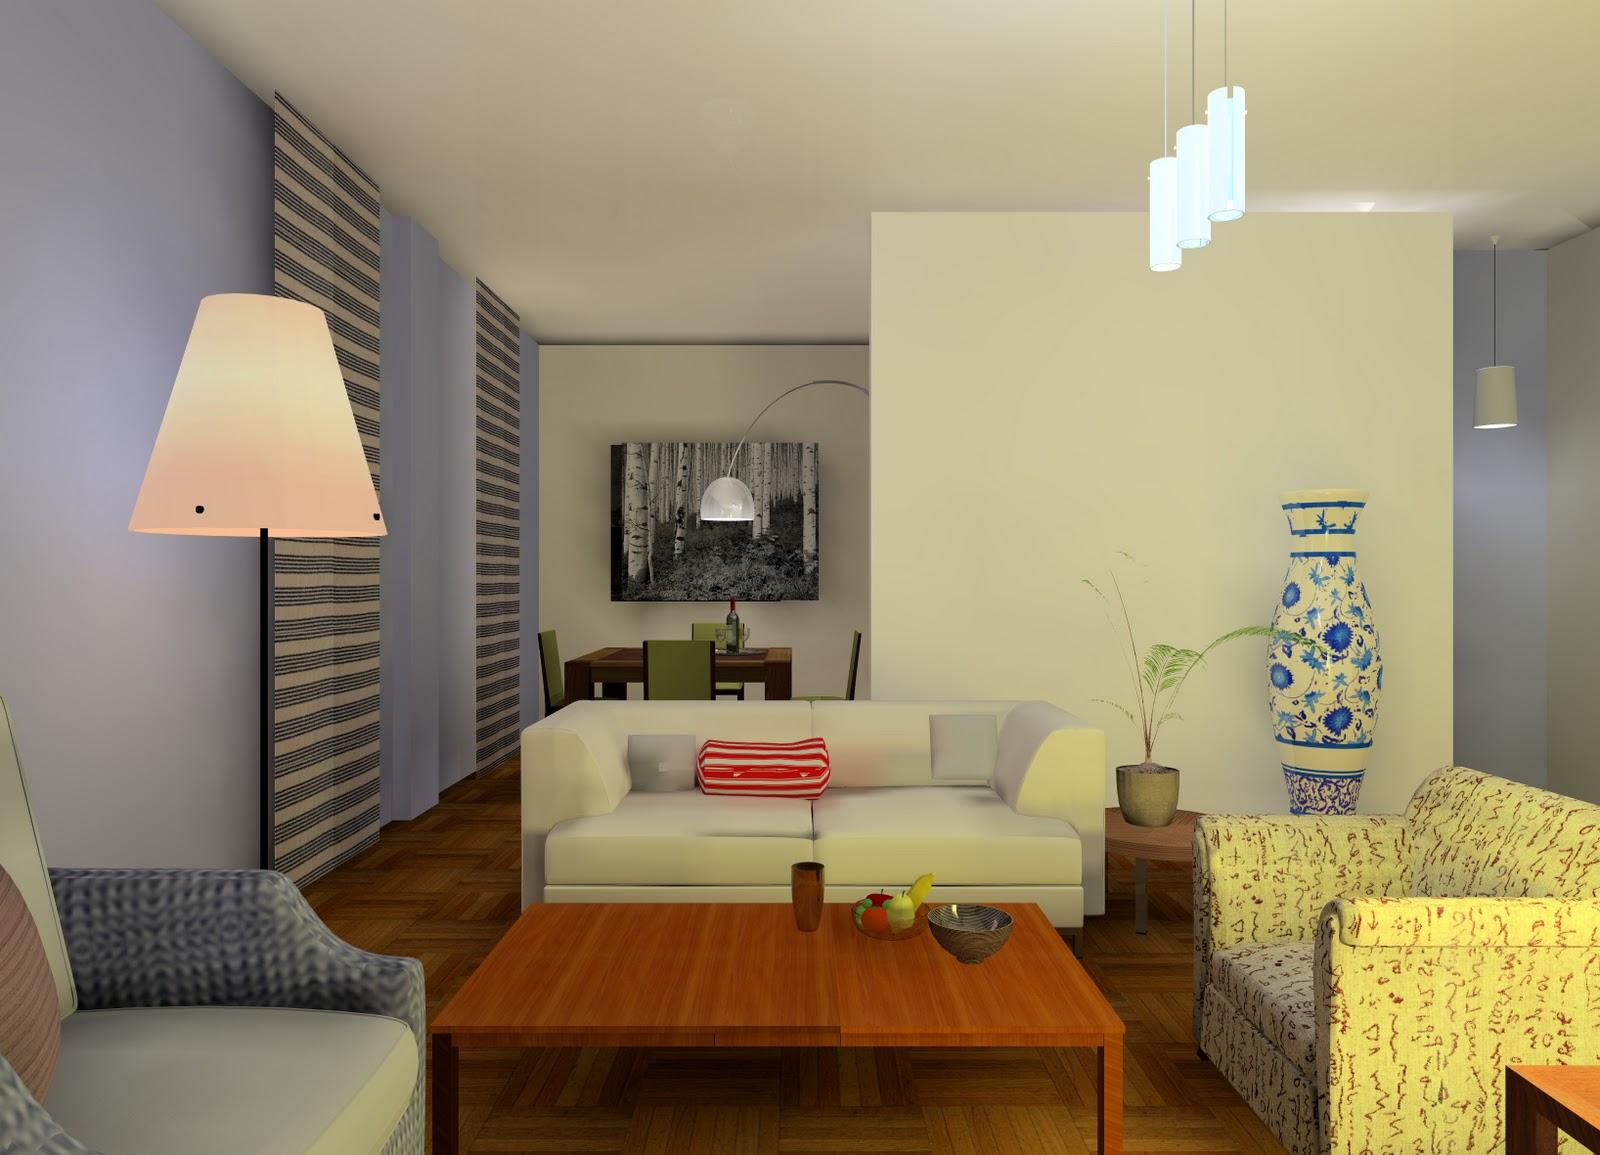 Architettare - ovvero progettare casa online LOW COST ...